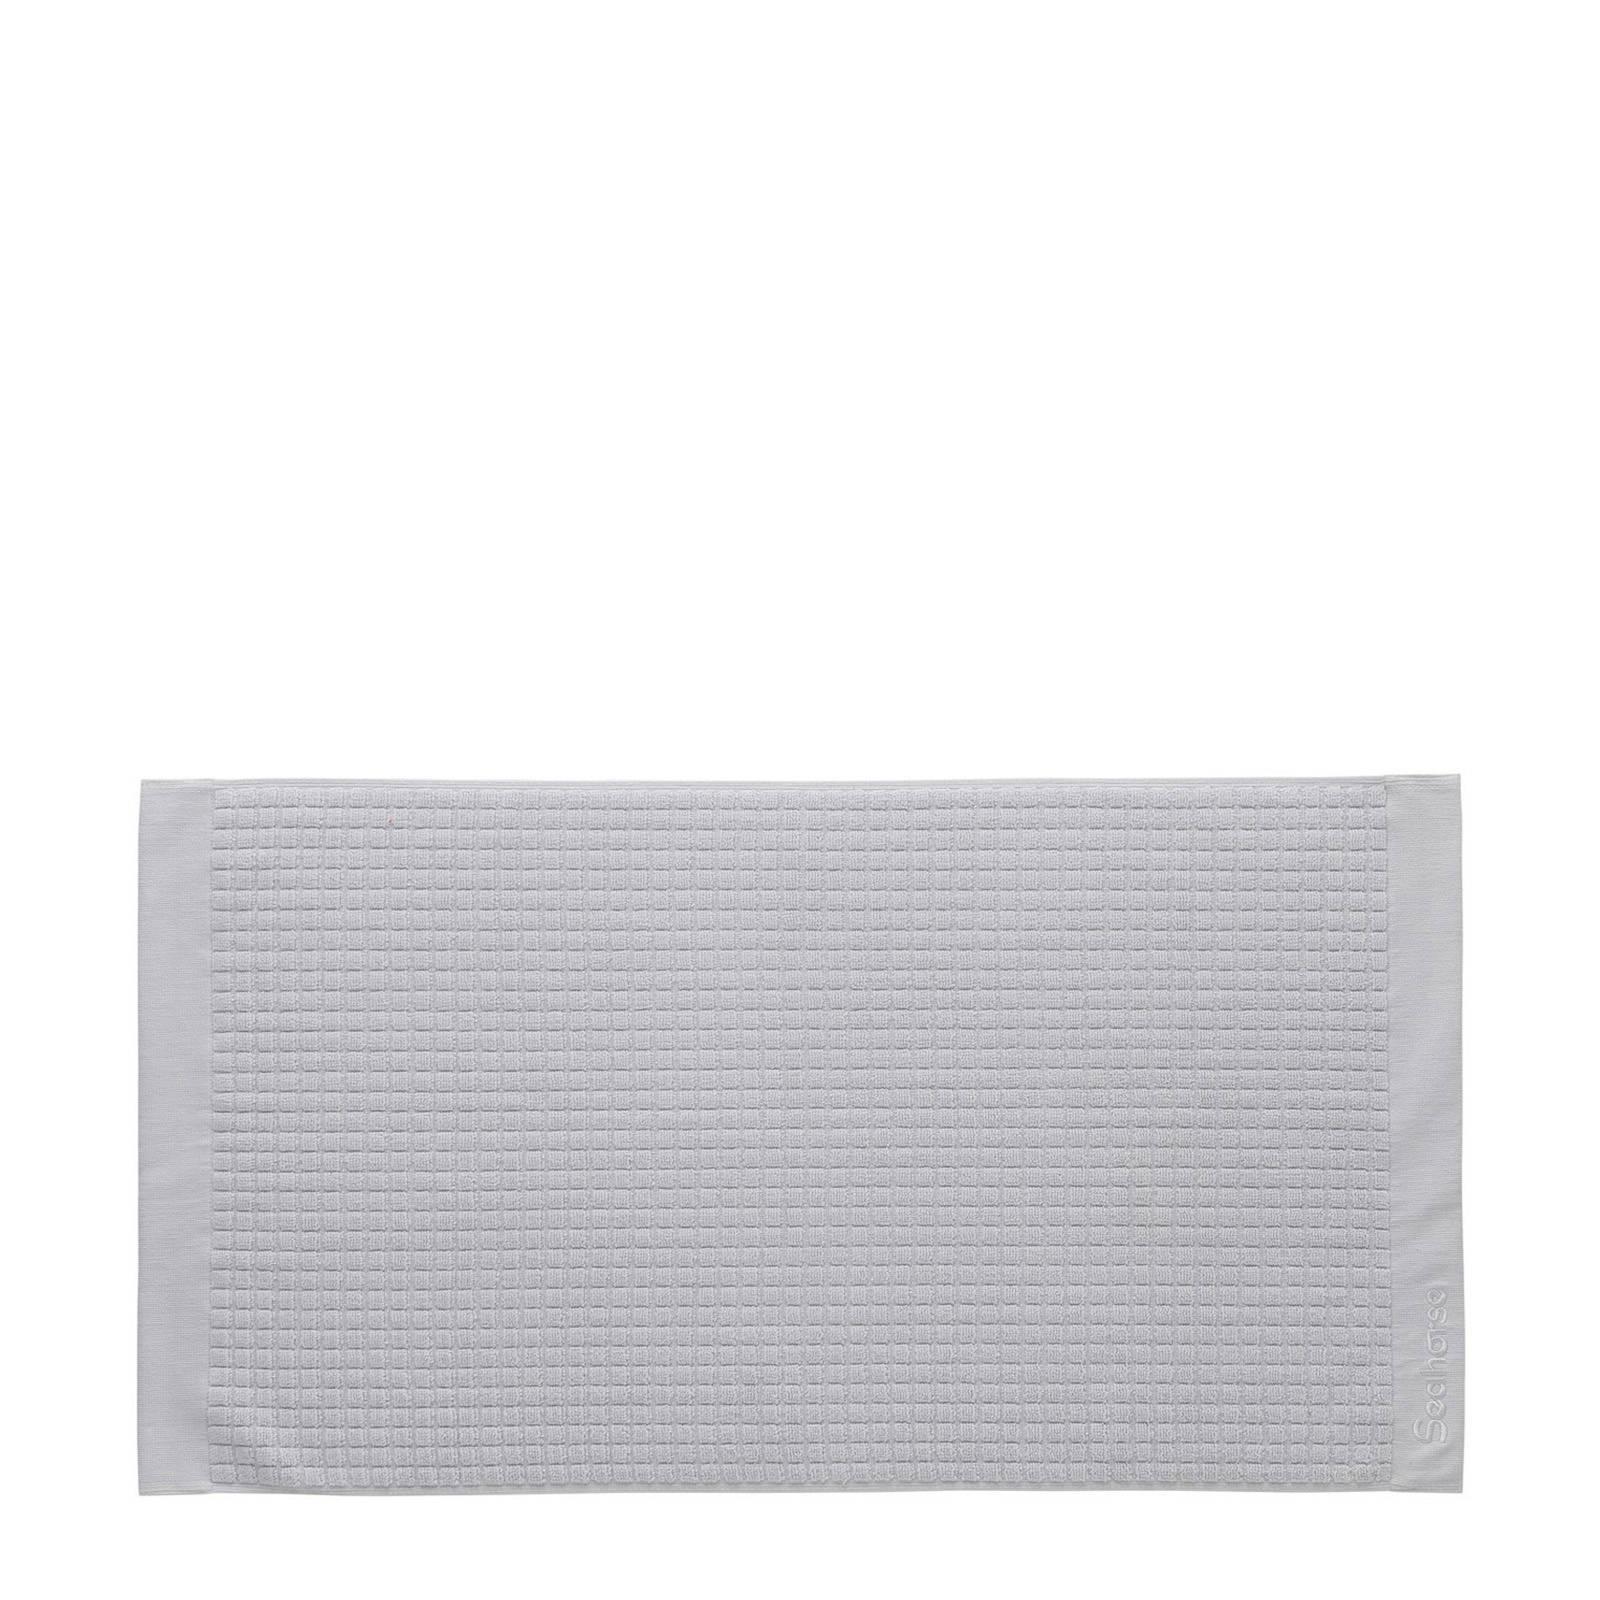 Seahorse Cube Badmat Silver Cloud 50x90cm online kopen